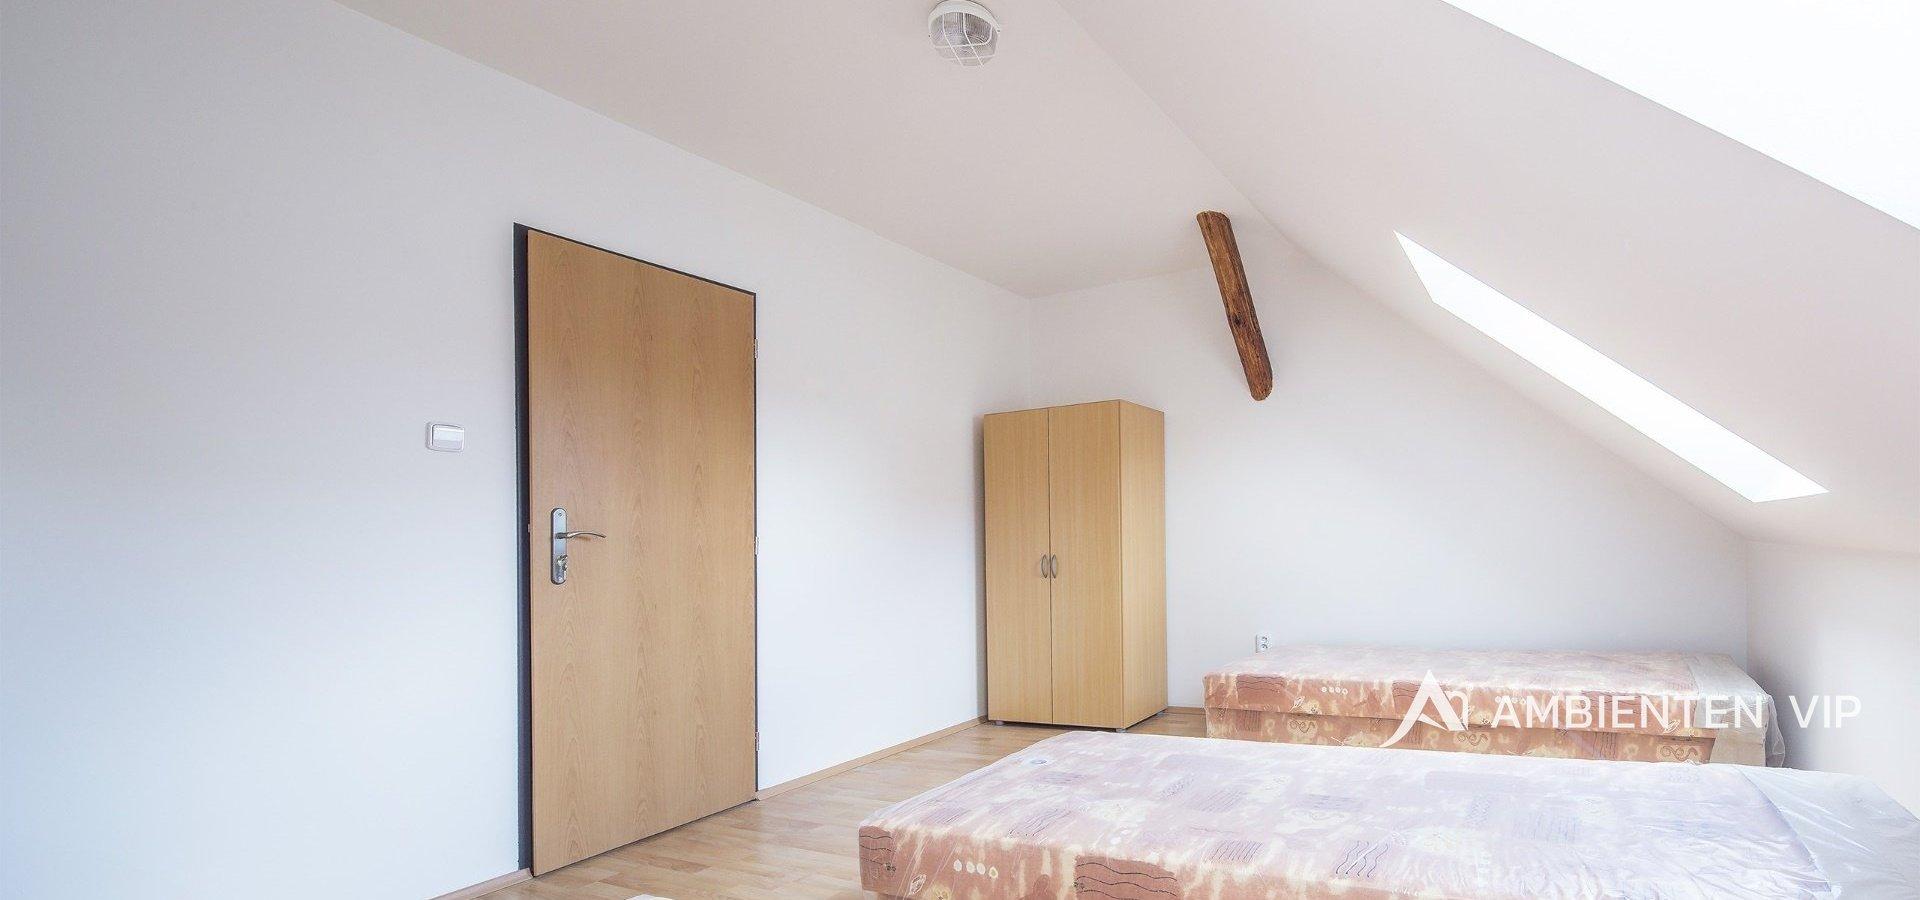 prodej-rodinneho-domu-na-bydleni-i-investici-477m2-telc-16merge-0e8f52